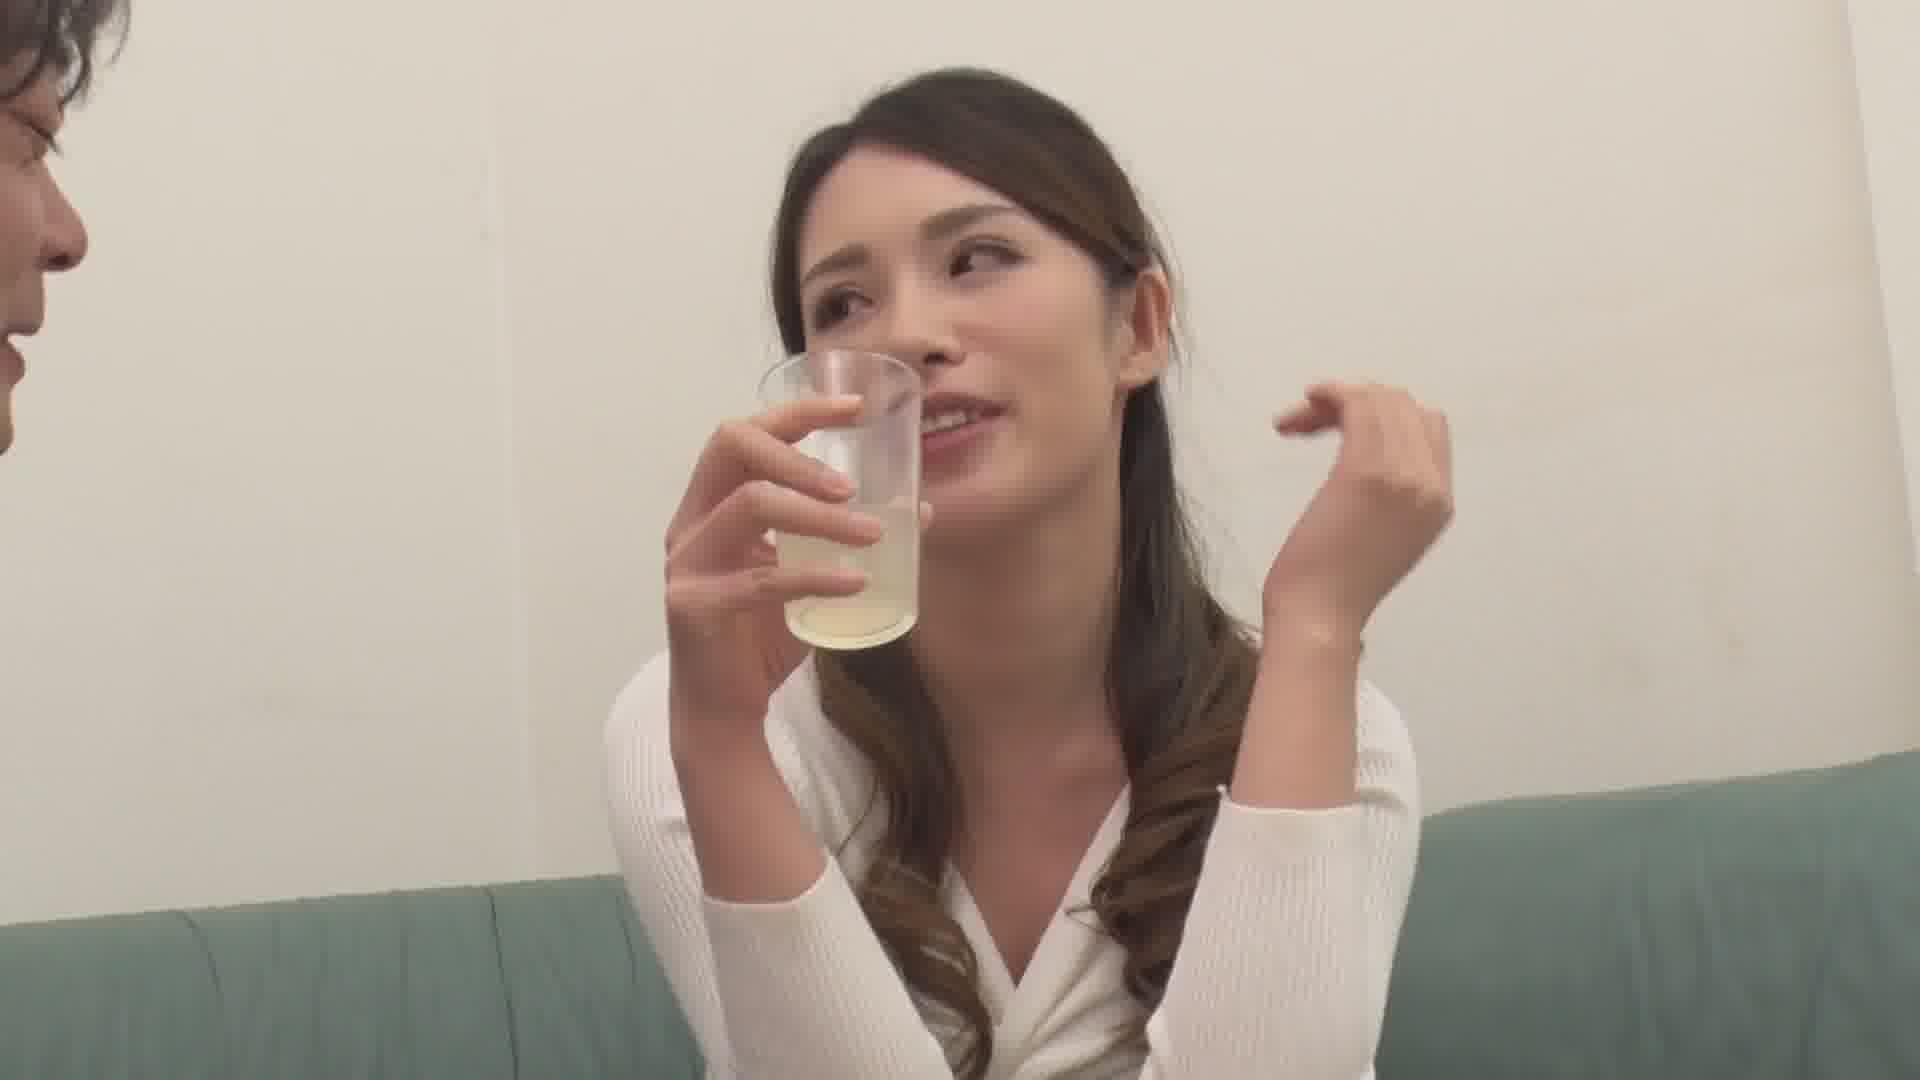 飲み姿エロイイGP ~酔って火照ったマンコ汁も温かい~ - 上山奈々【美乳・パイズリ・中出し】